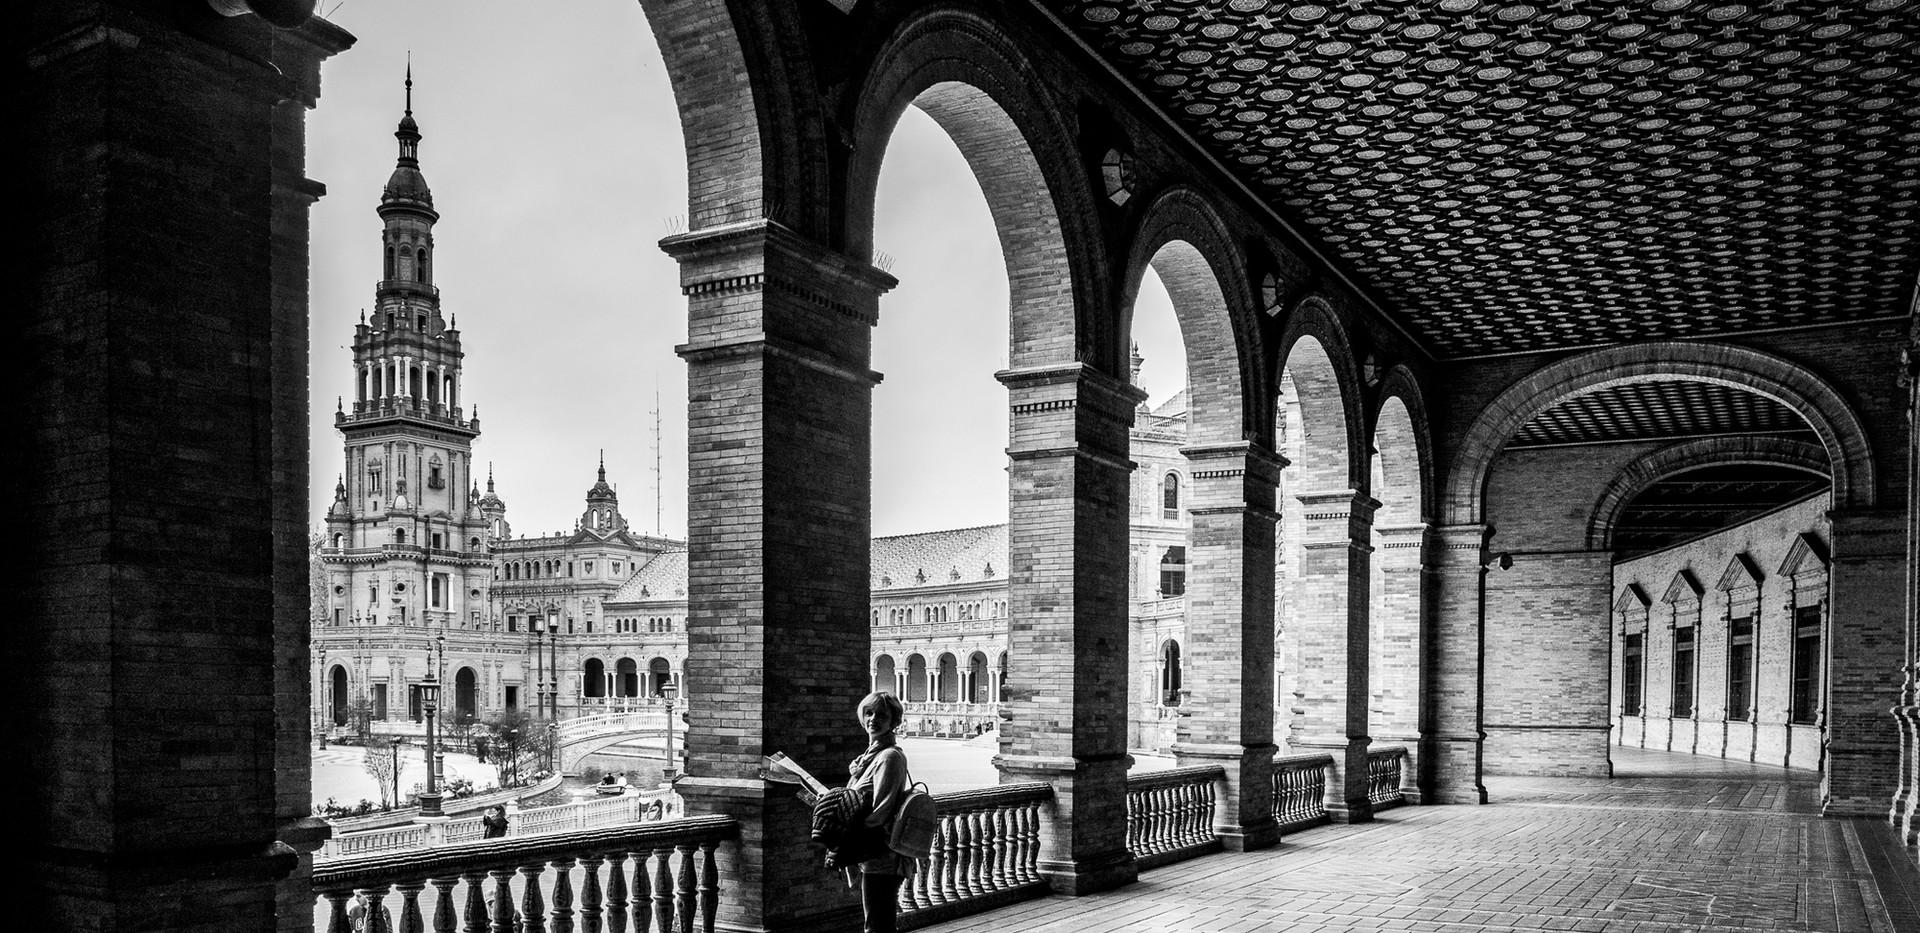 Seville-03.jpg